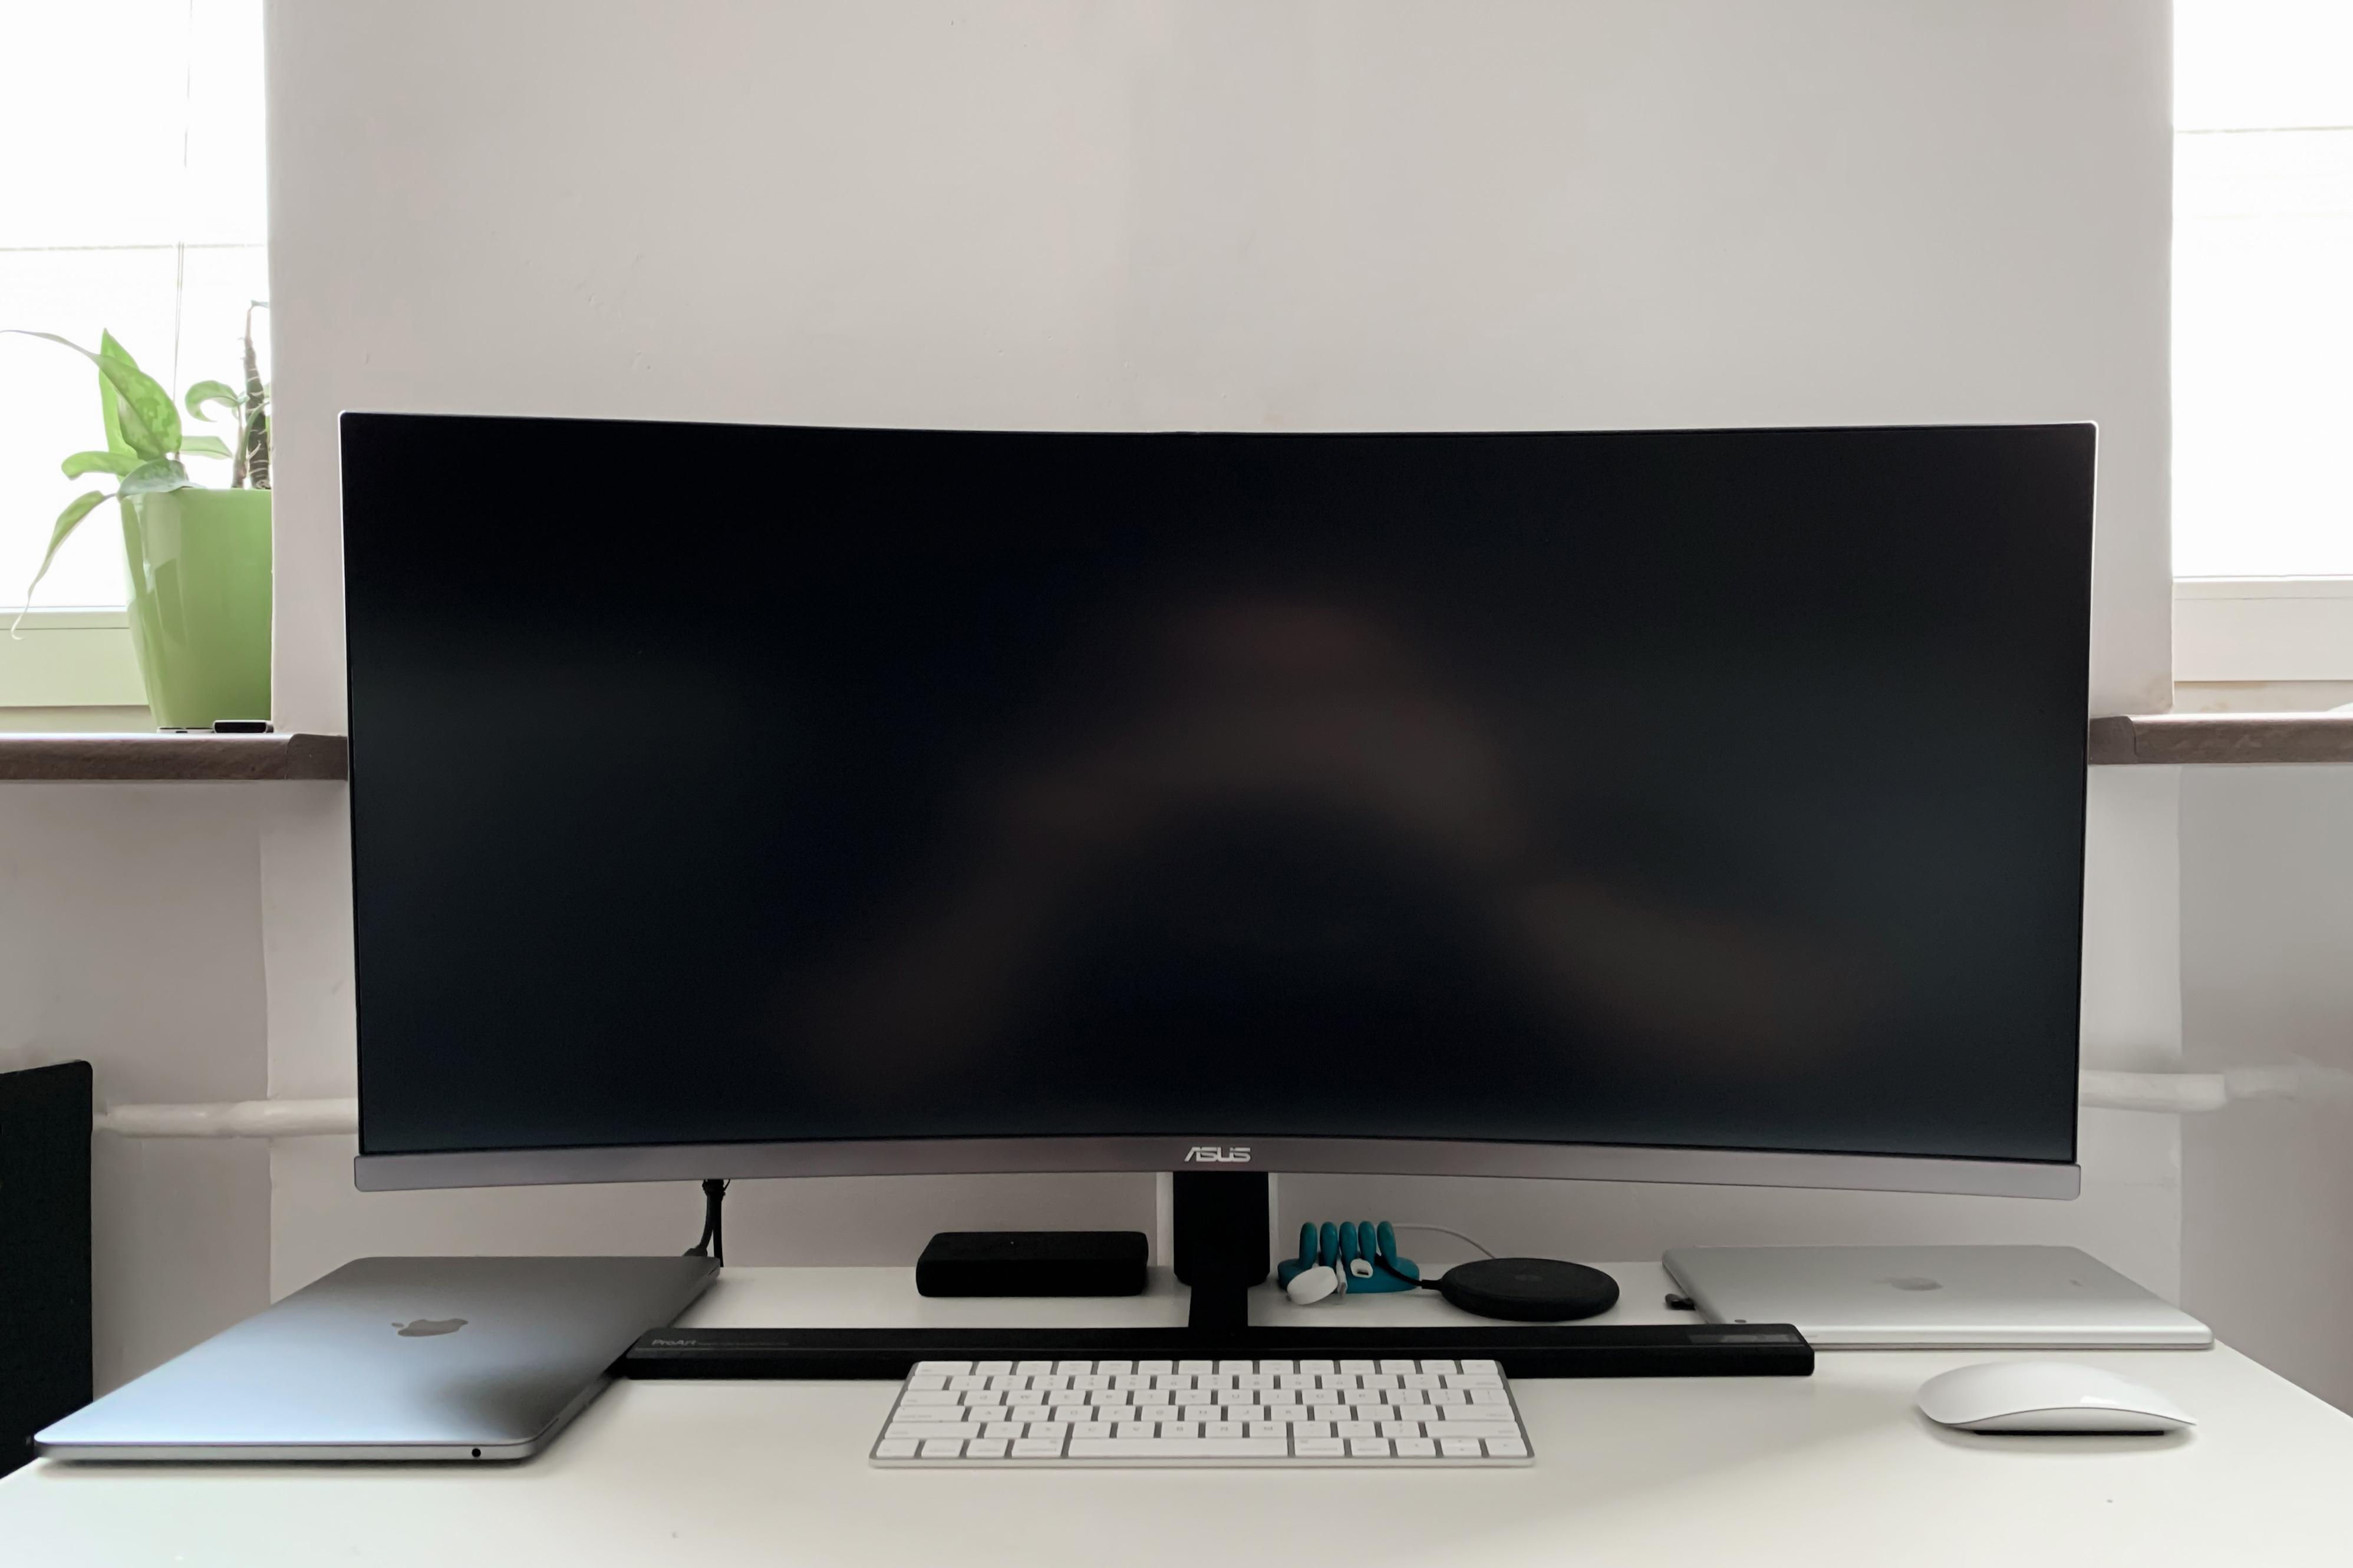 czy mogę podłączyć 3 monitory do mojego imaca?